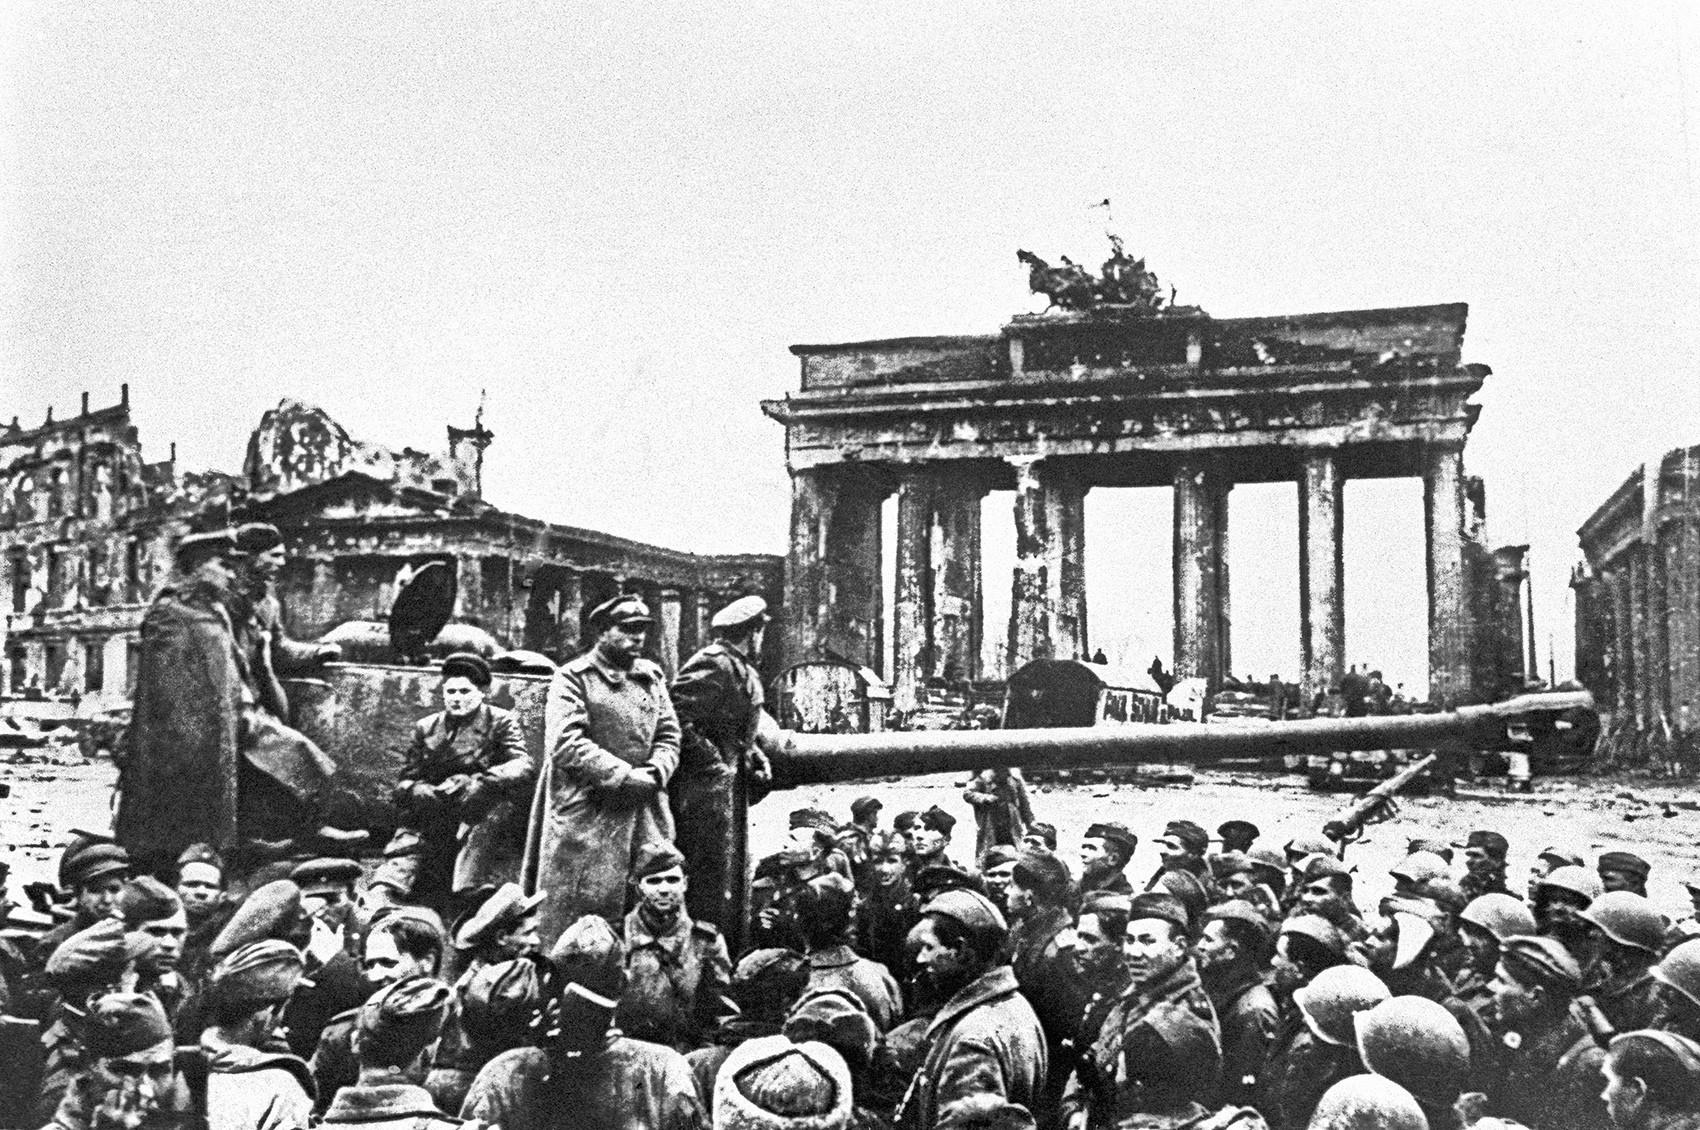 Njemačka, Berlin, 2. svibnja 1945. Borci Crvene Armije ispred Brandenburških vrata nakon pada Berlina u ruke sovjetskih trupa.